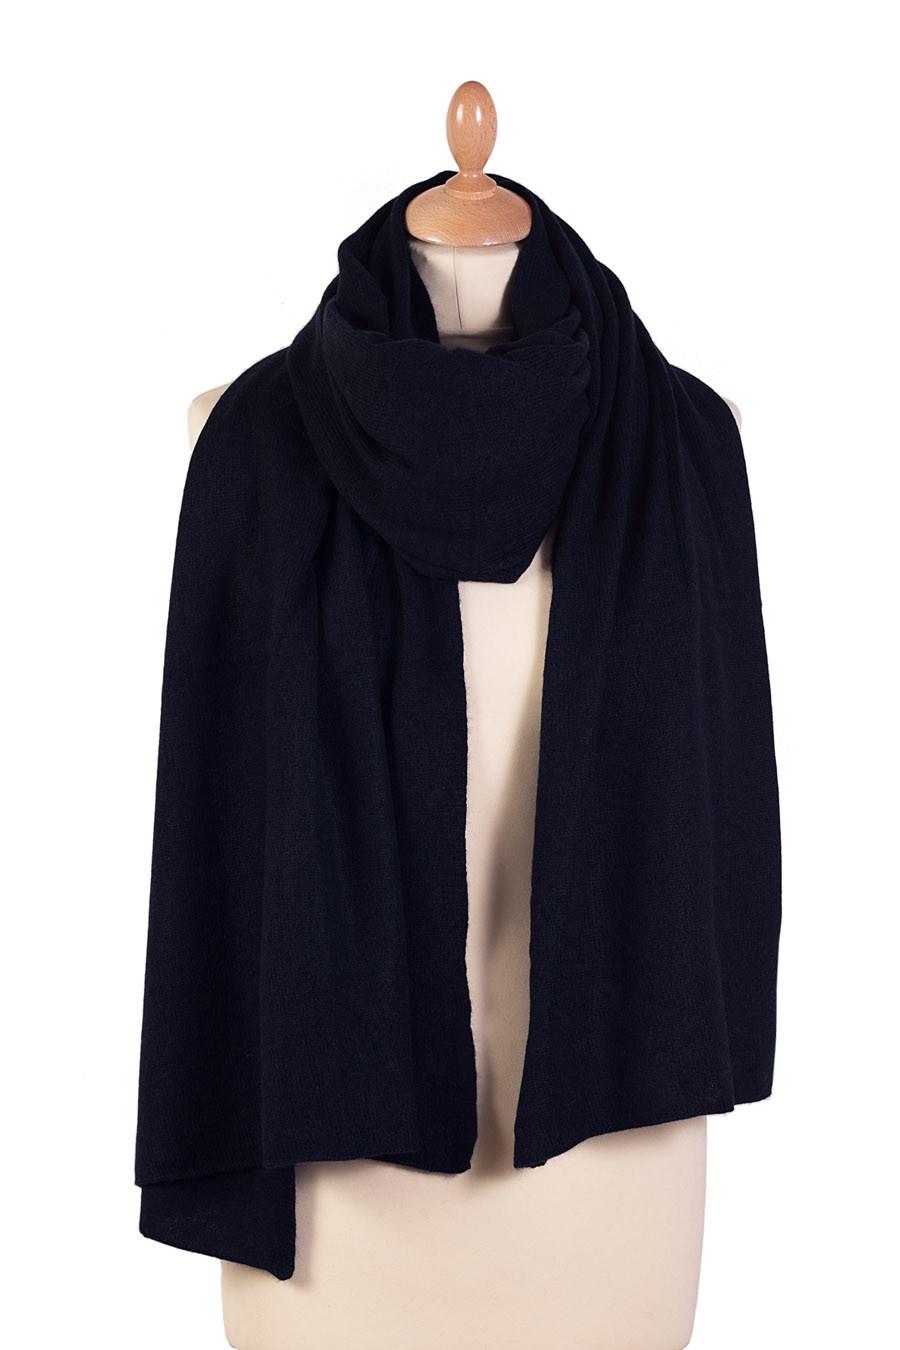 Echarpes en cachemire et étoles en cachemire pour Femme dès 39€ 23820e69fcc